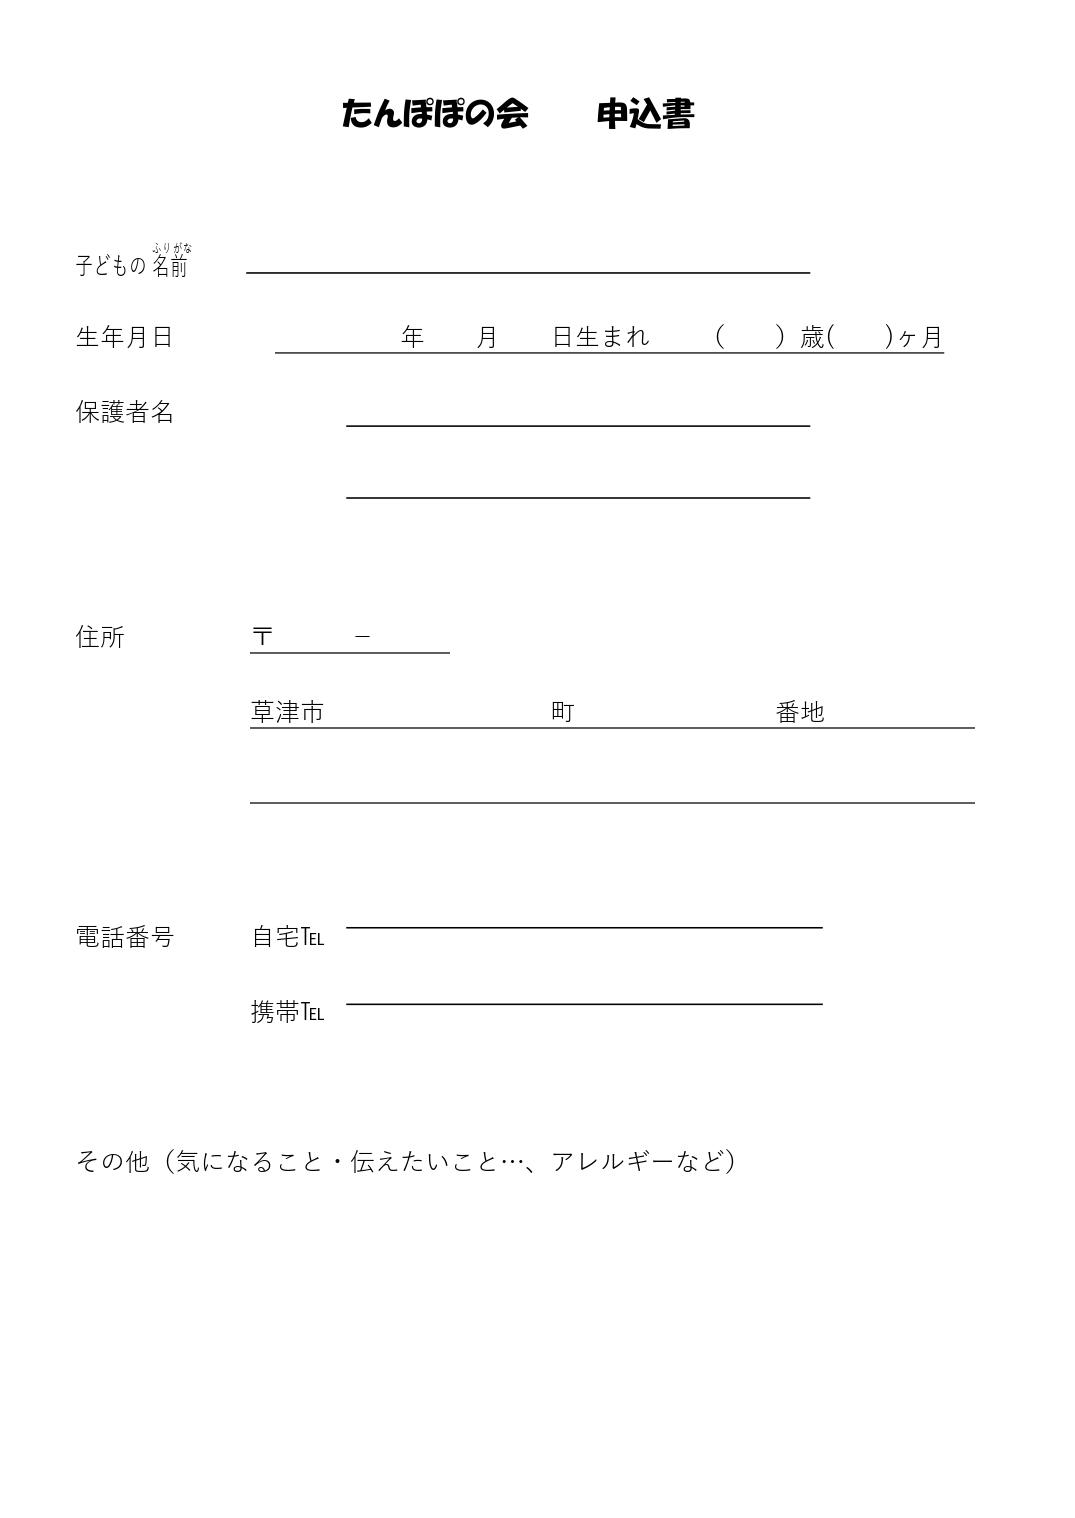 たんぽぽ入会申込書